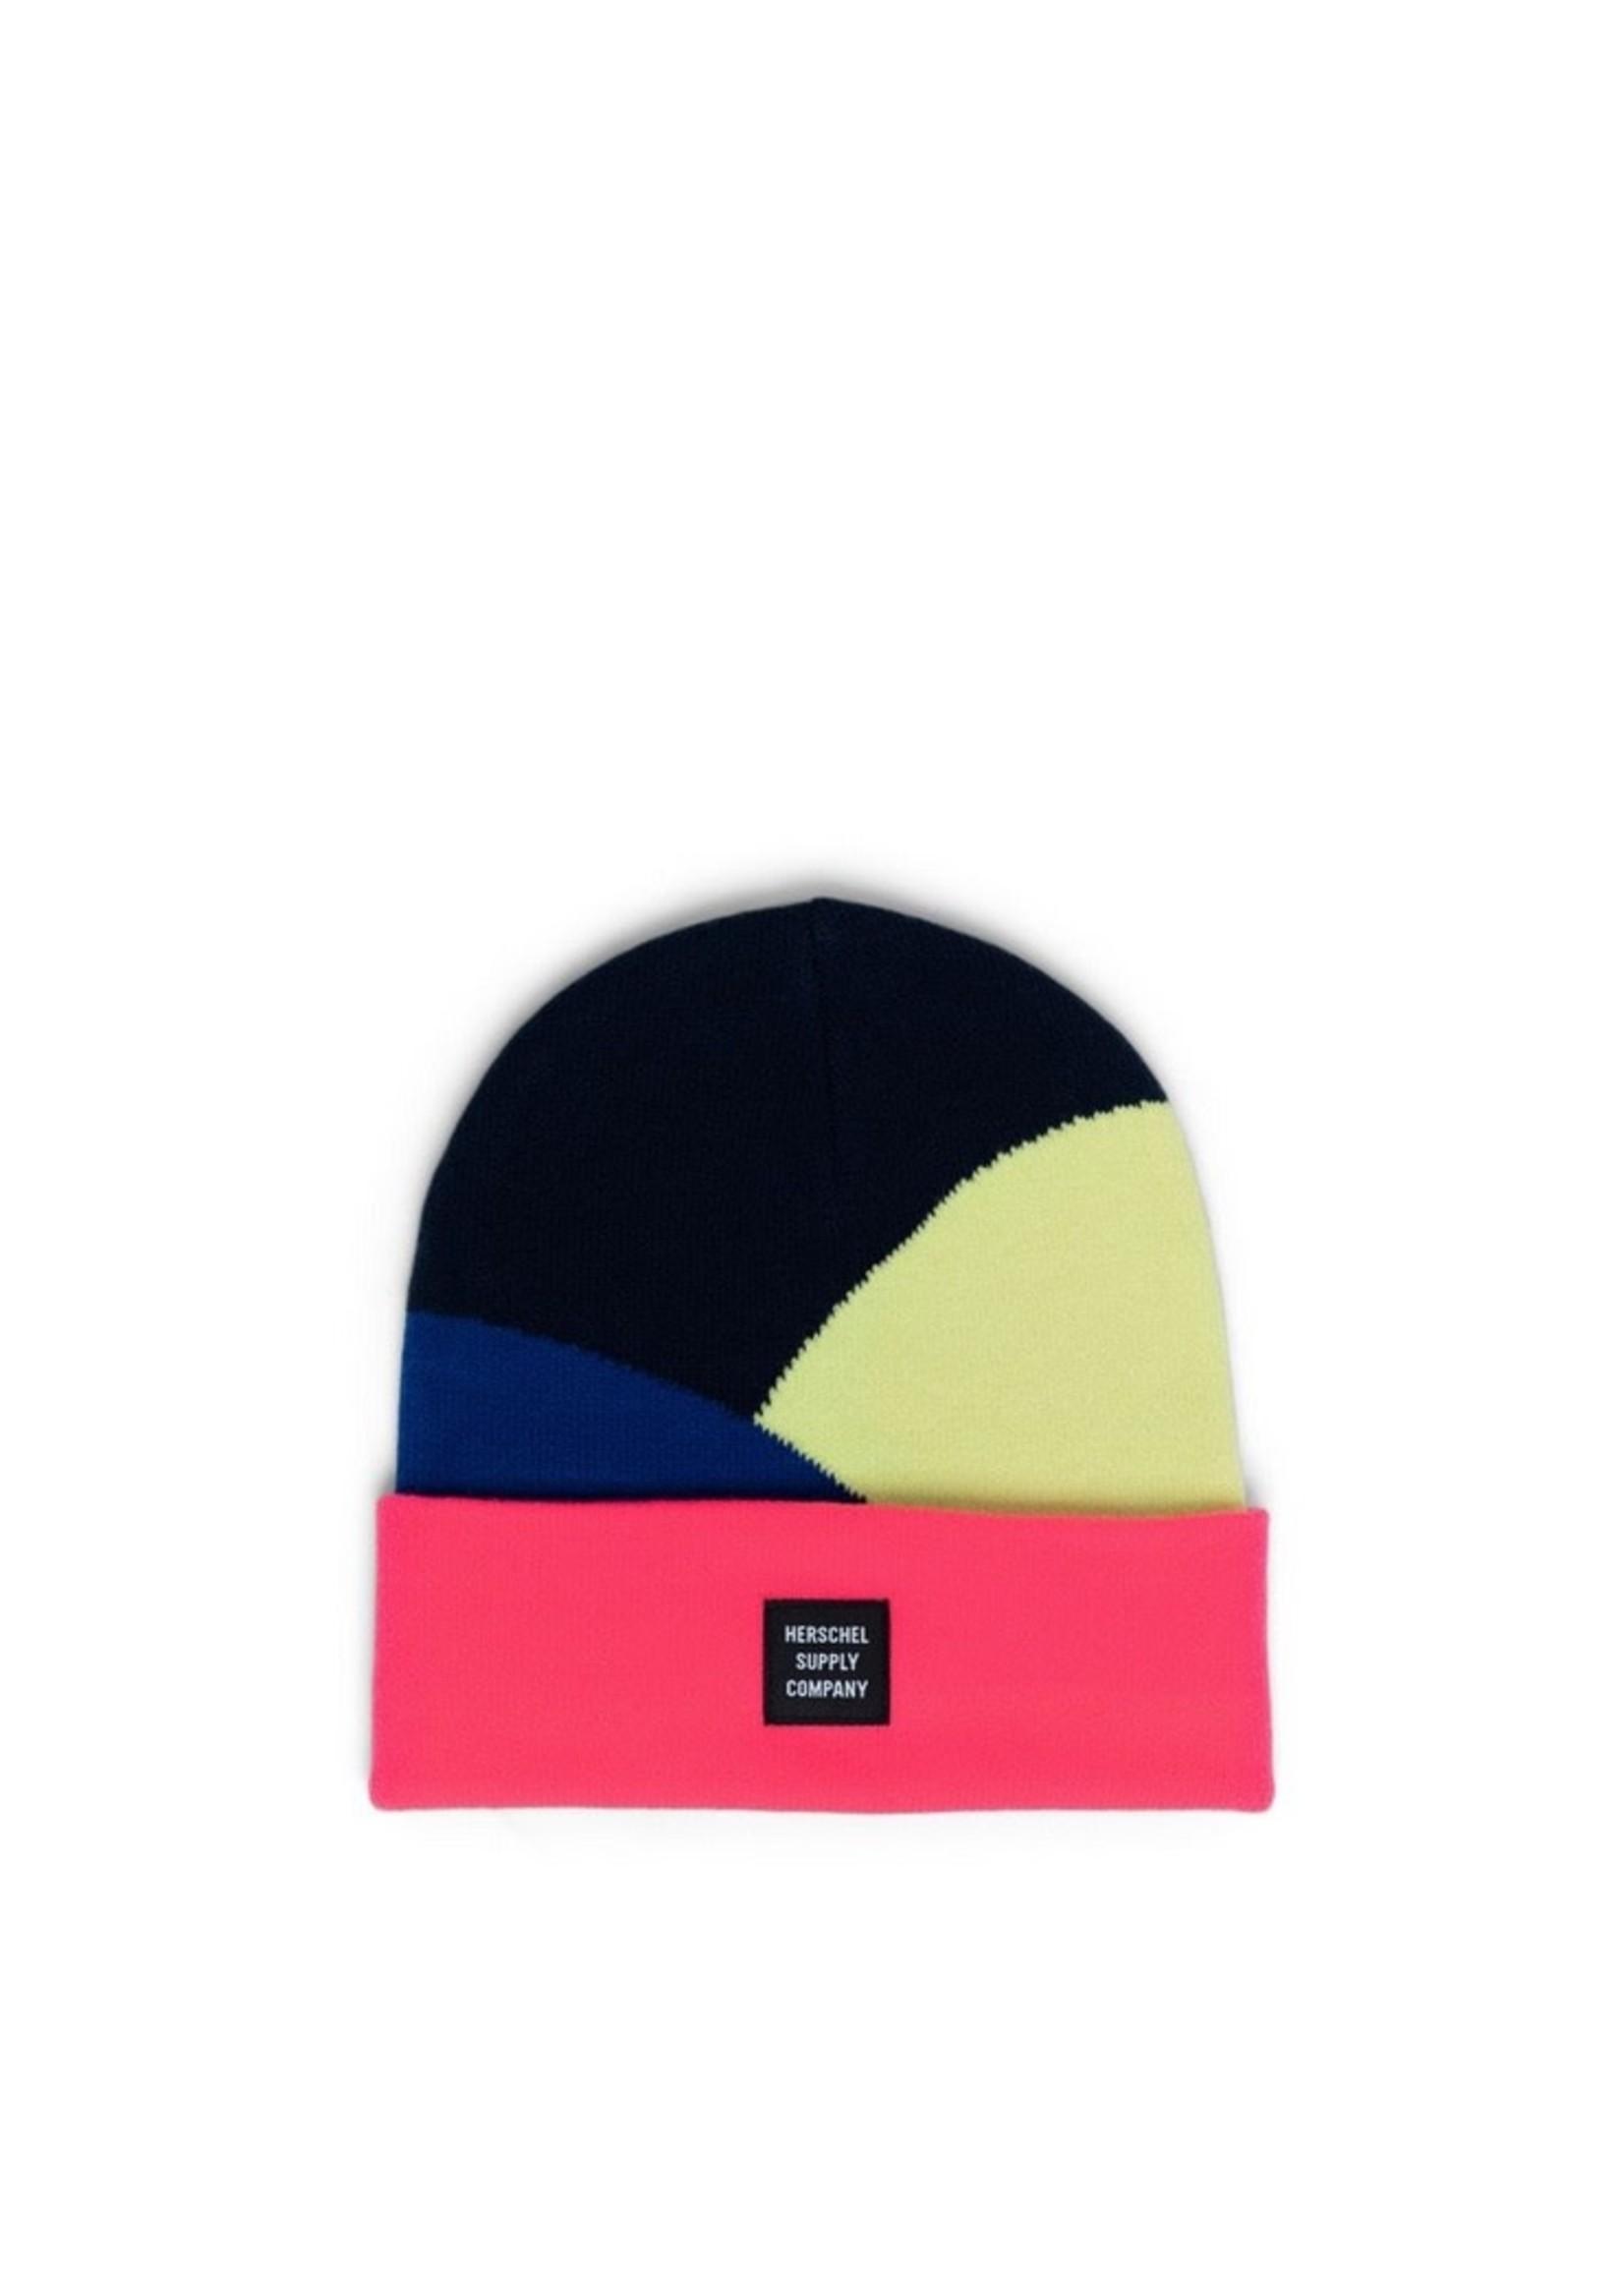 Herschel Supply Co. Abbott Beanie   in Peacoat/Neon Pink Colorblock